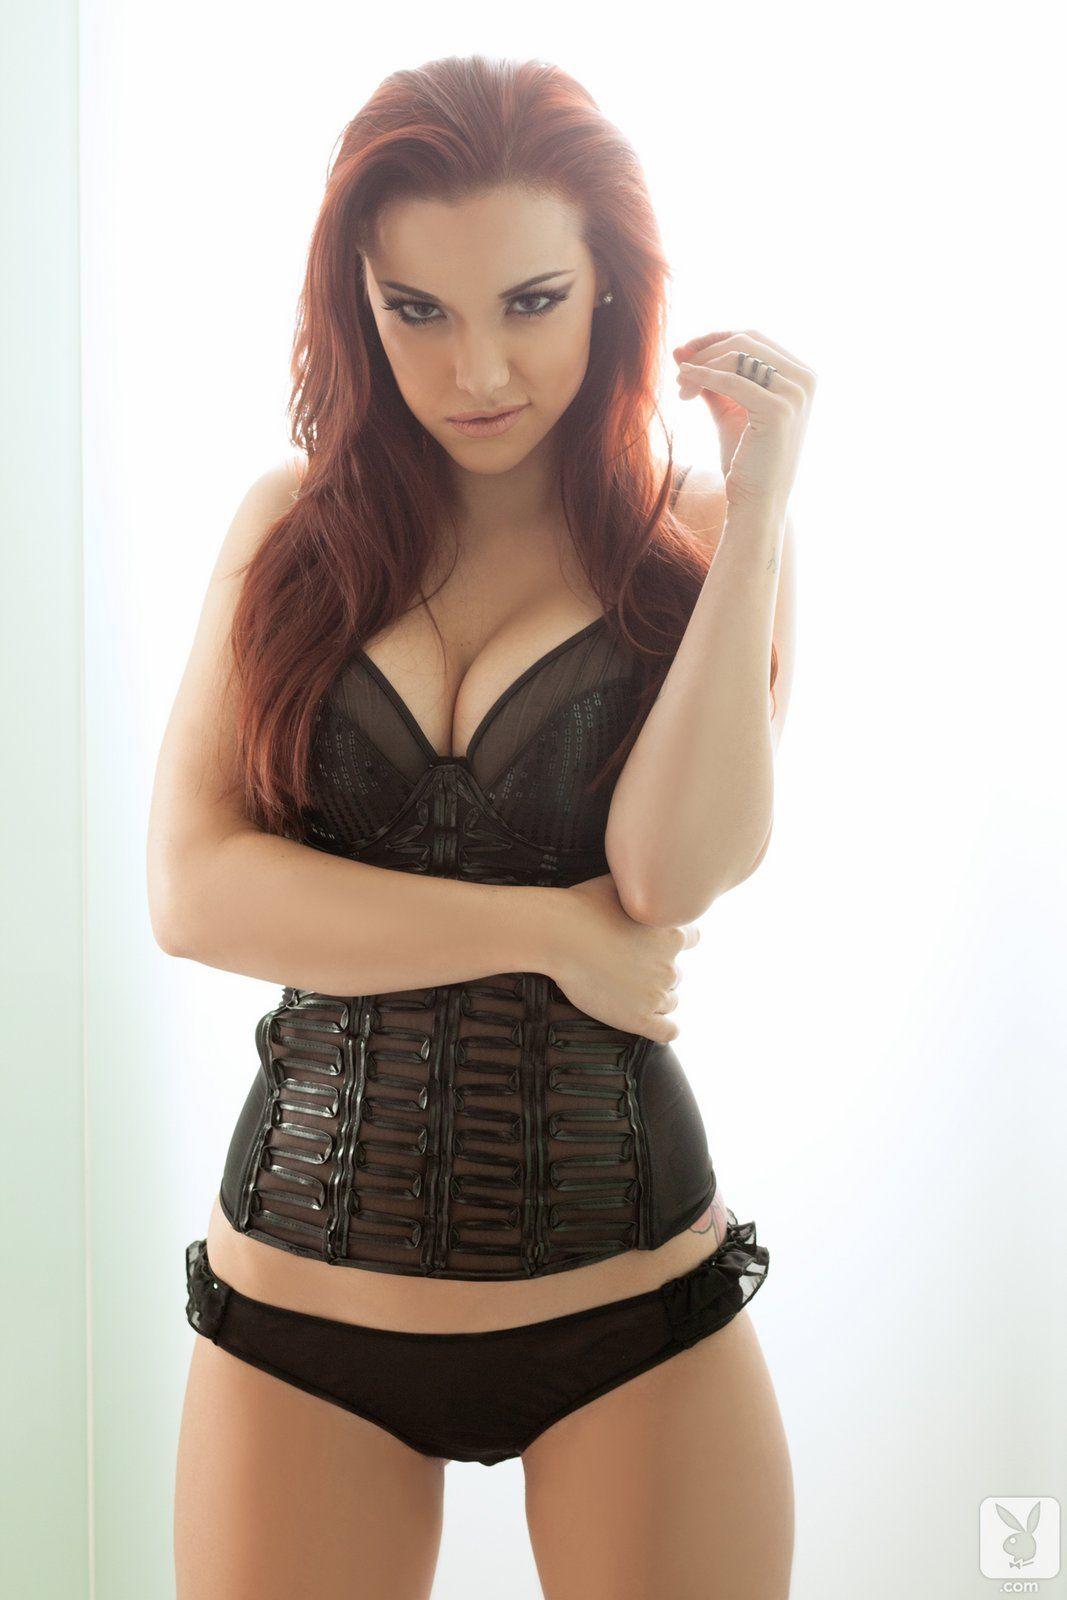 natural lush boobs